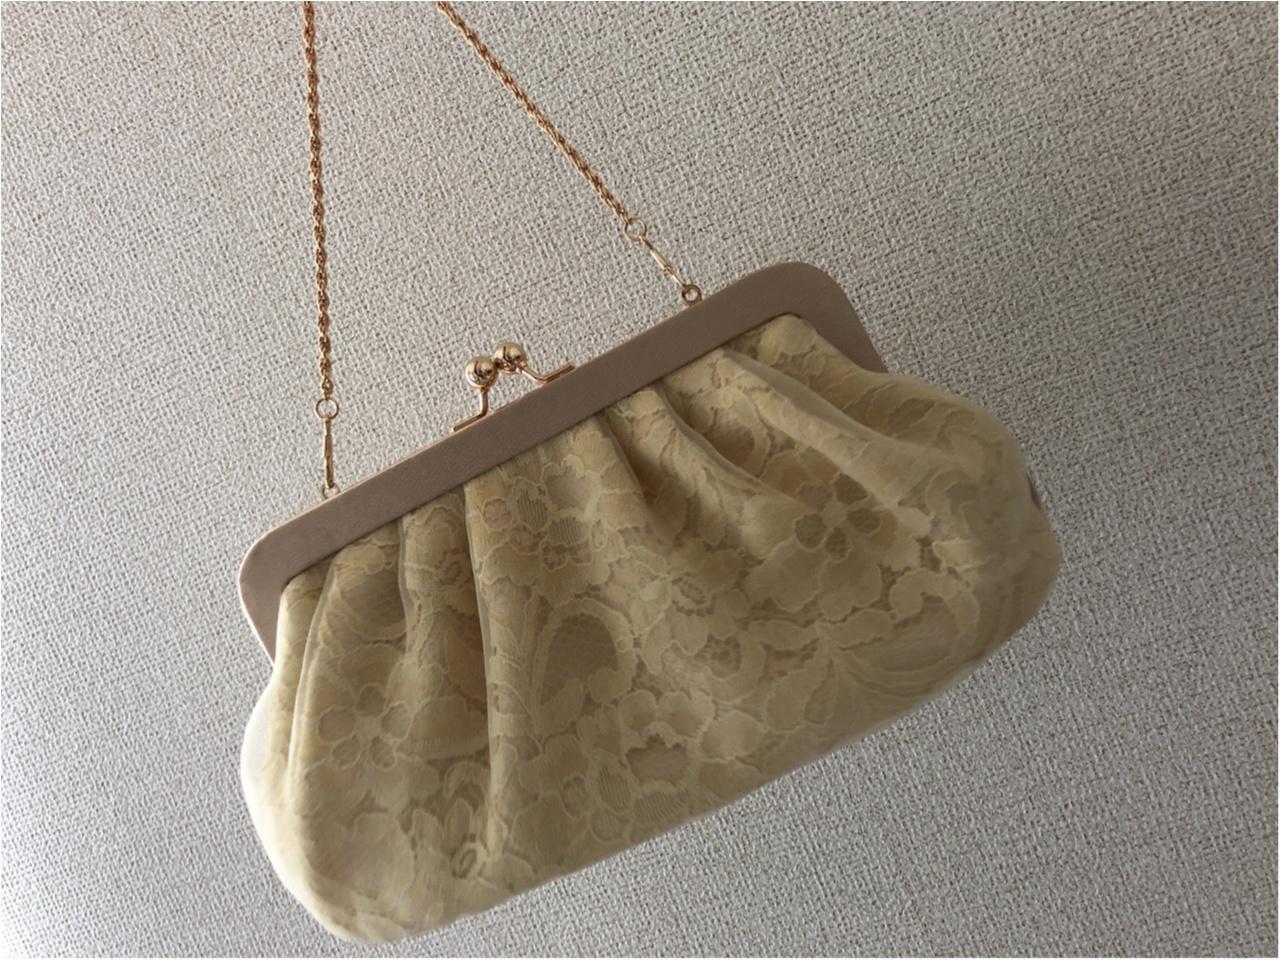 御殿場プレミアム・アウトレットでお買い物!コスメにバッグに購入品をご紹介!!_4_3